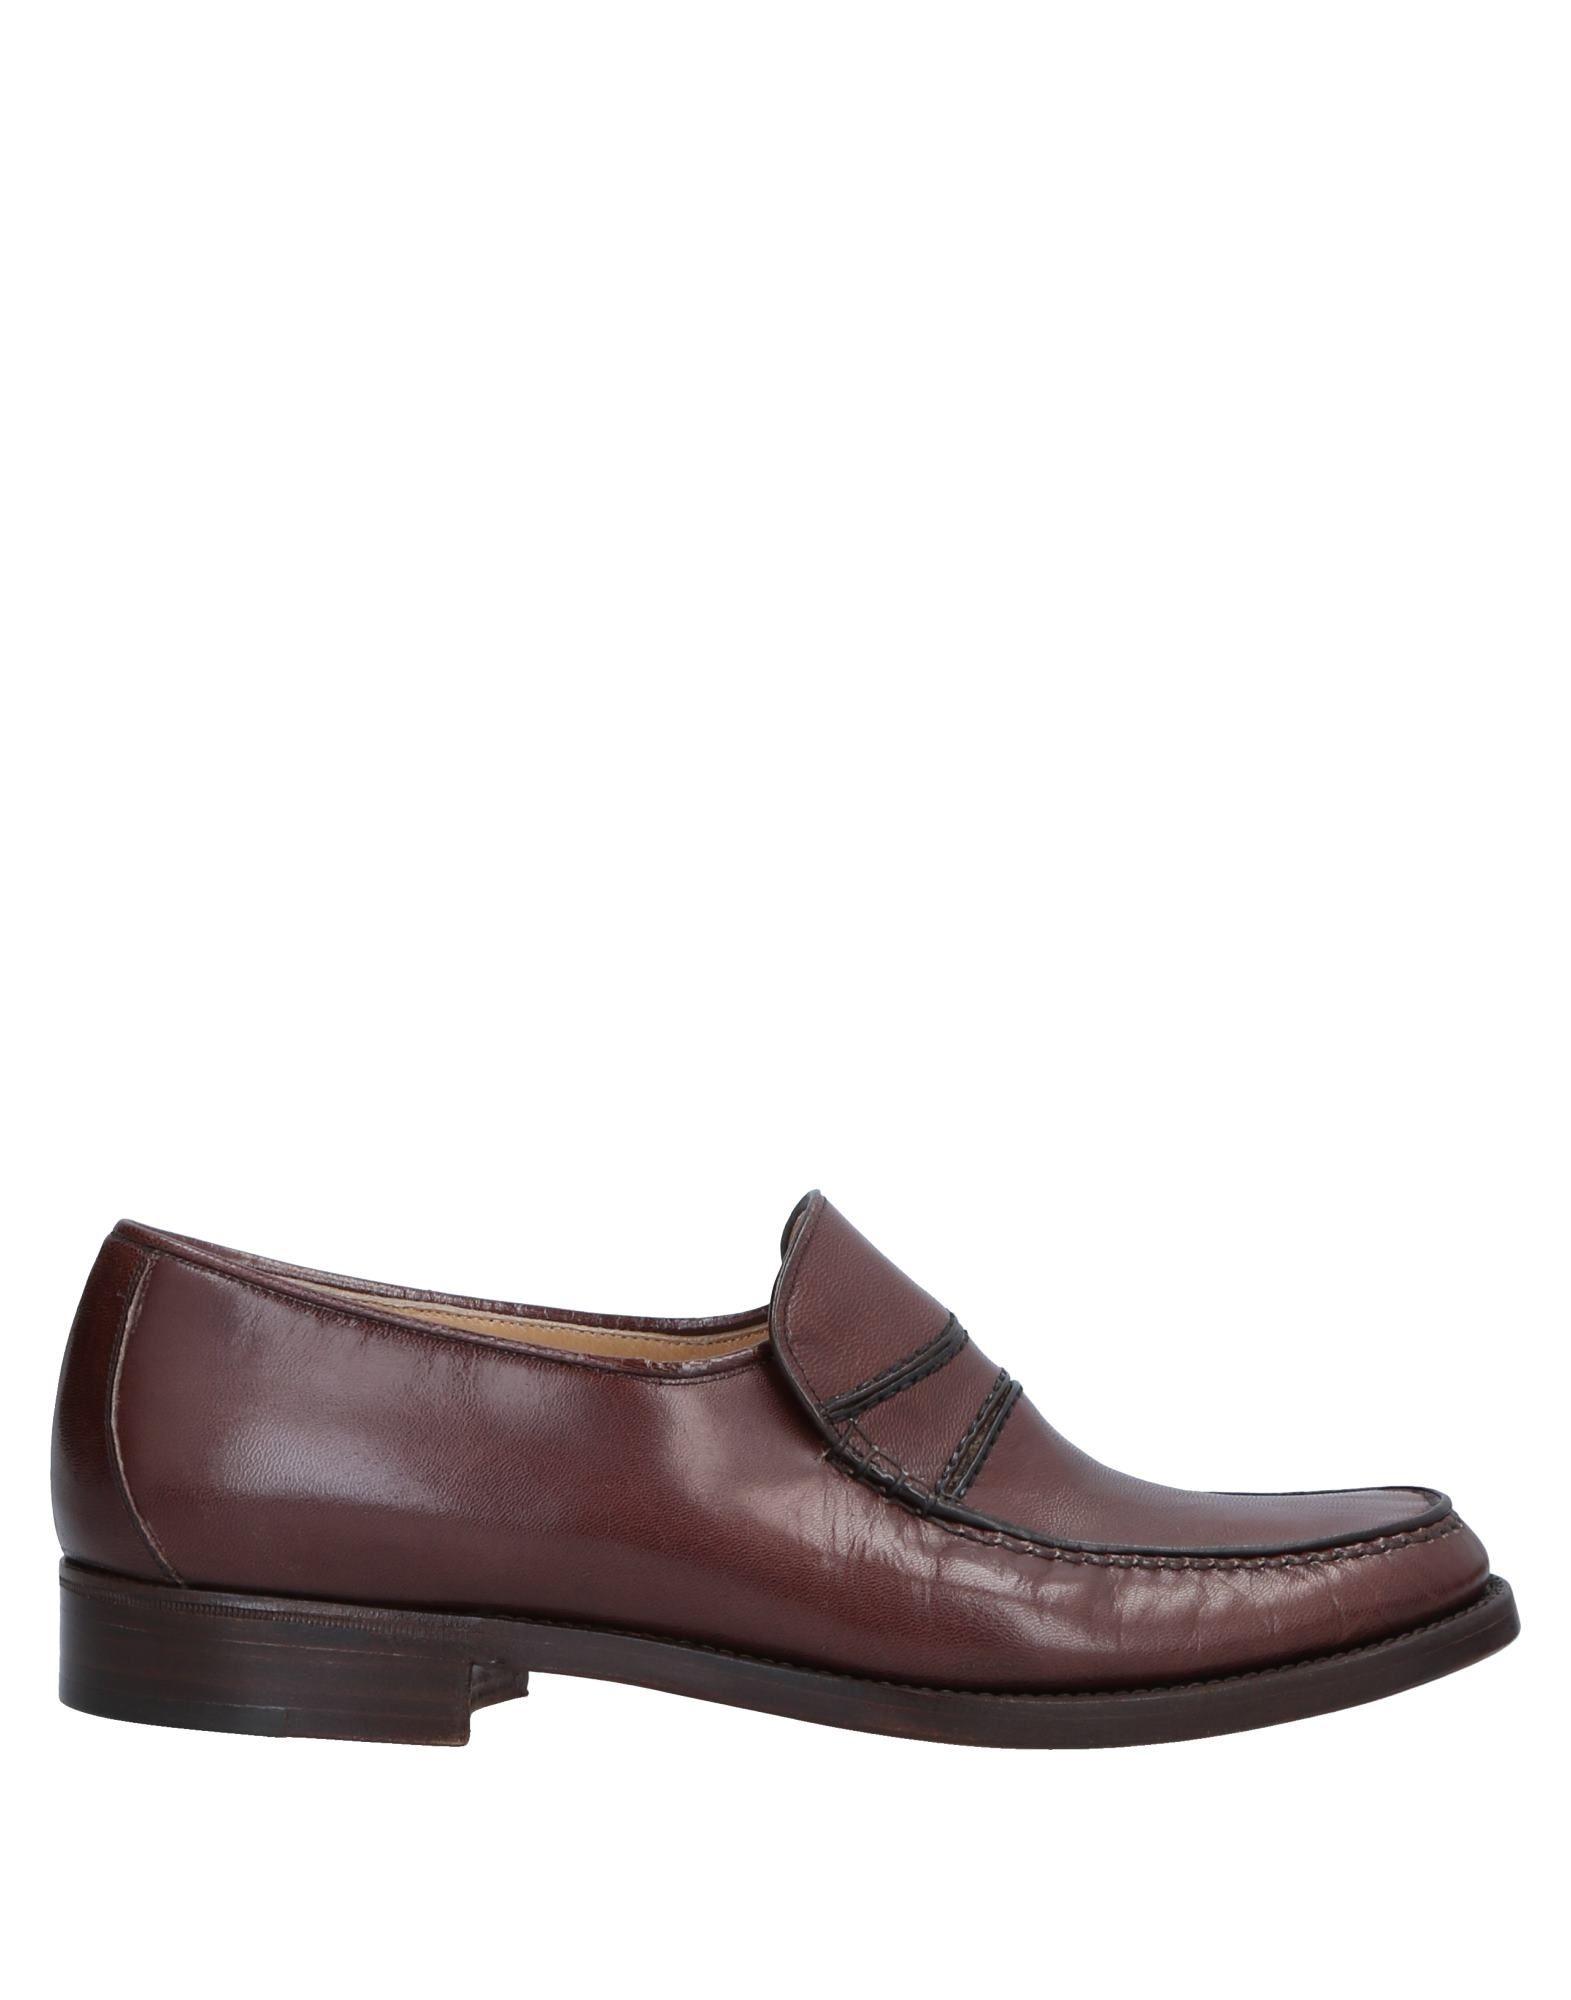 Rabatt  echte Schuhe Renzo Favero Mokassins Herren  Rabatt 11544979CM a69003